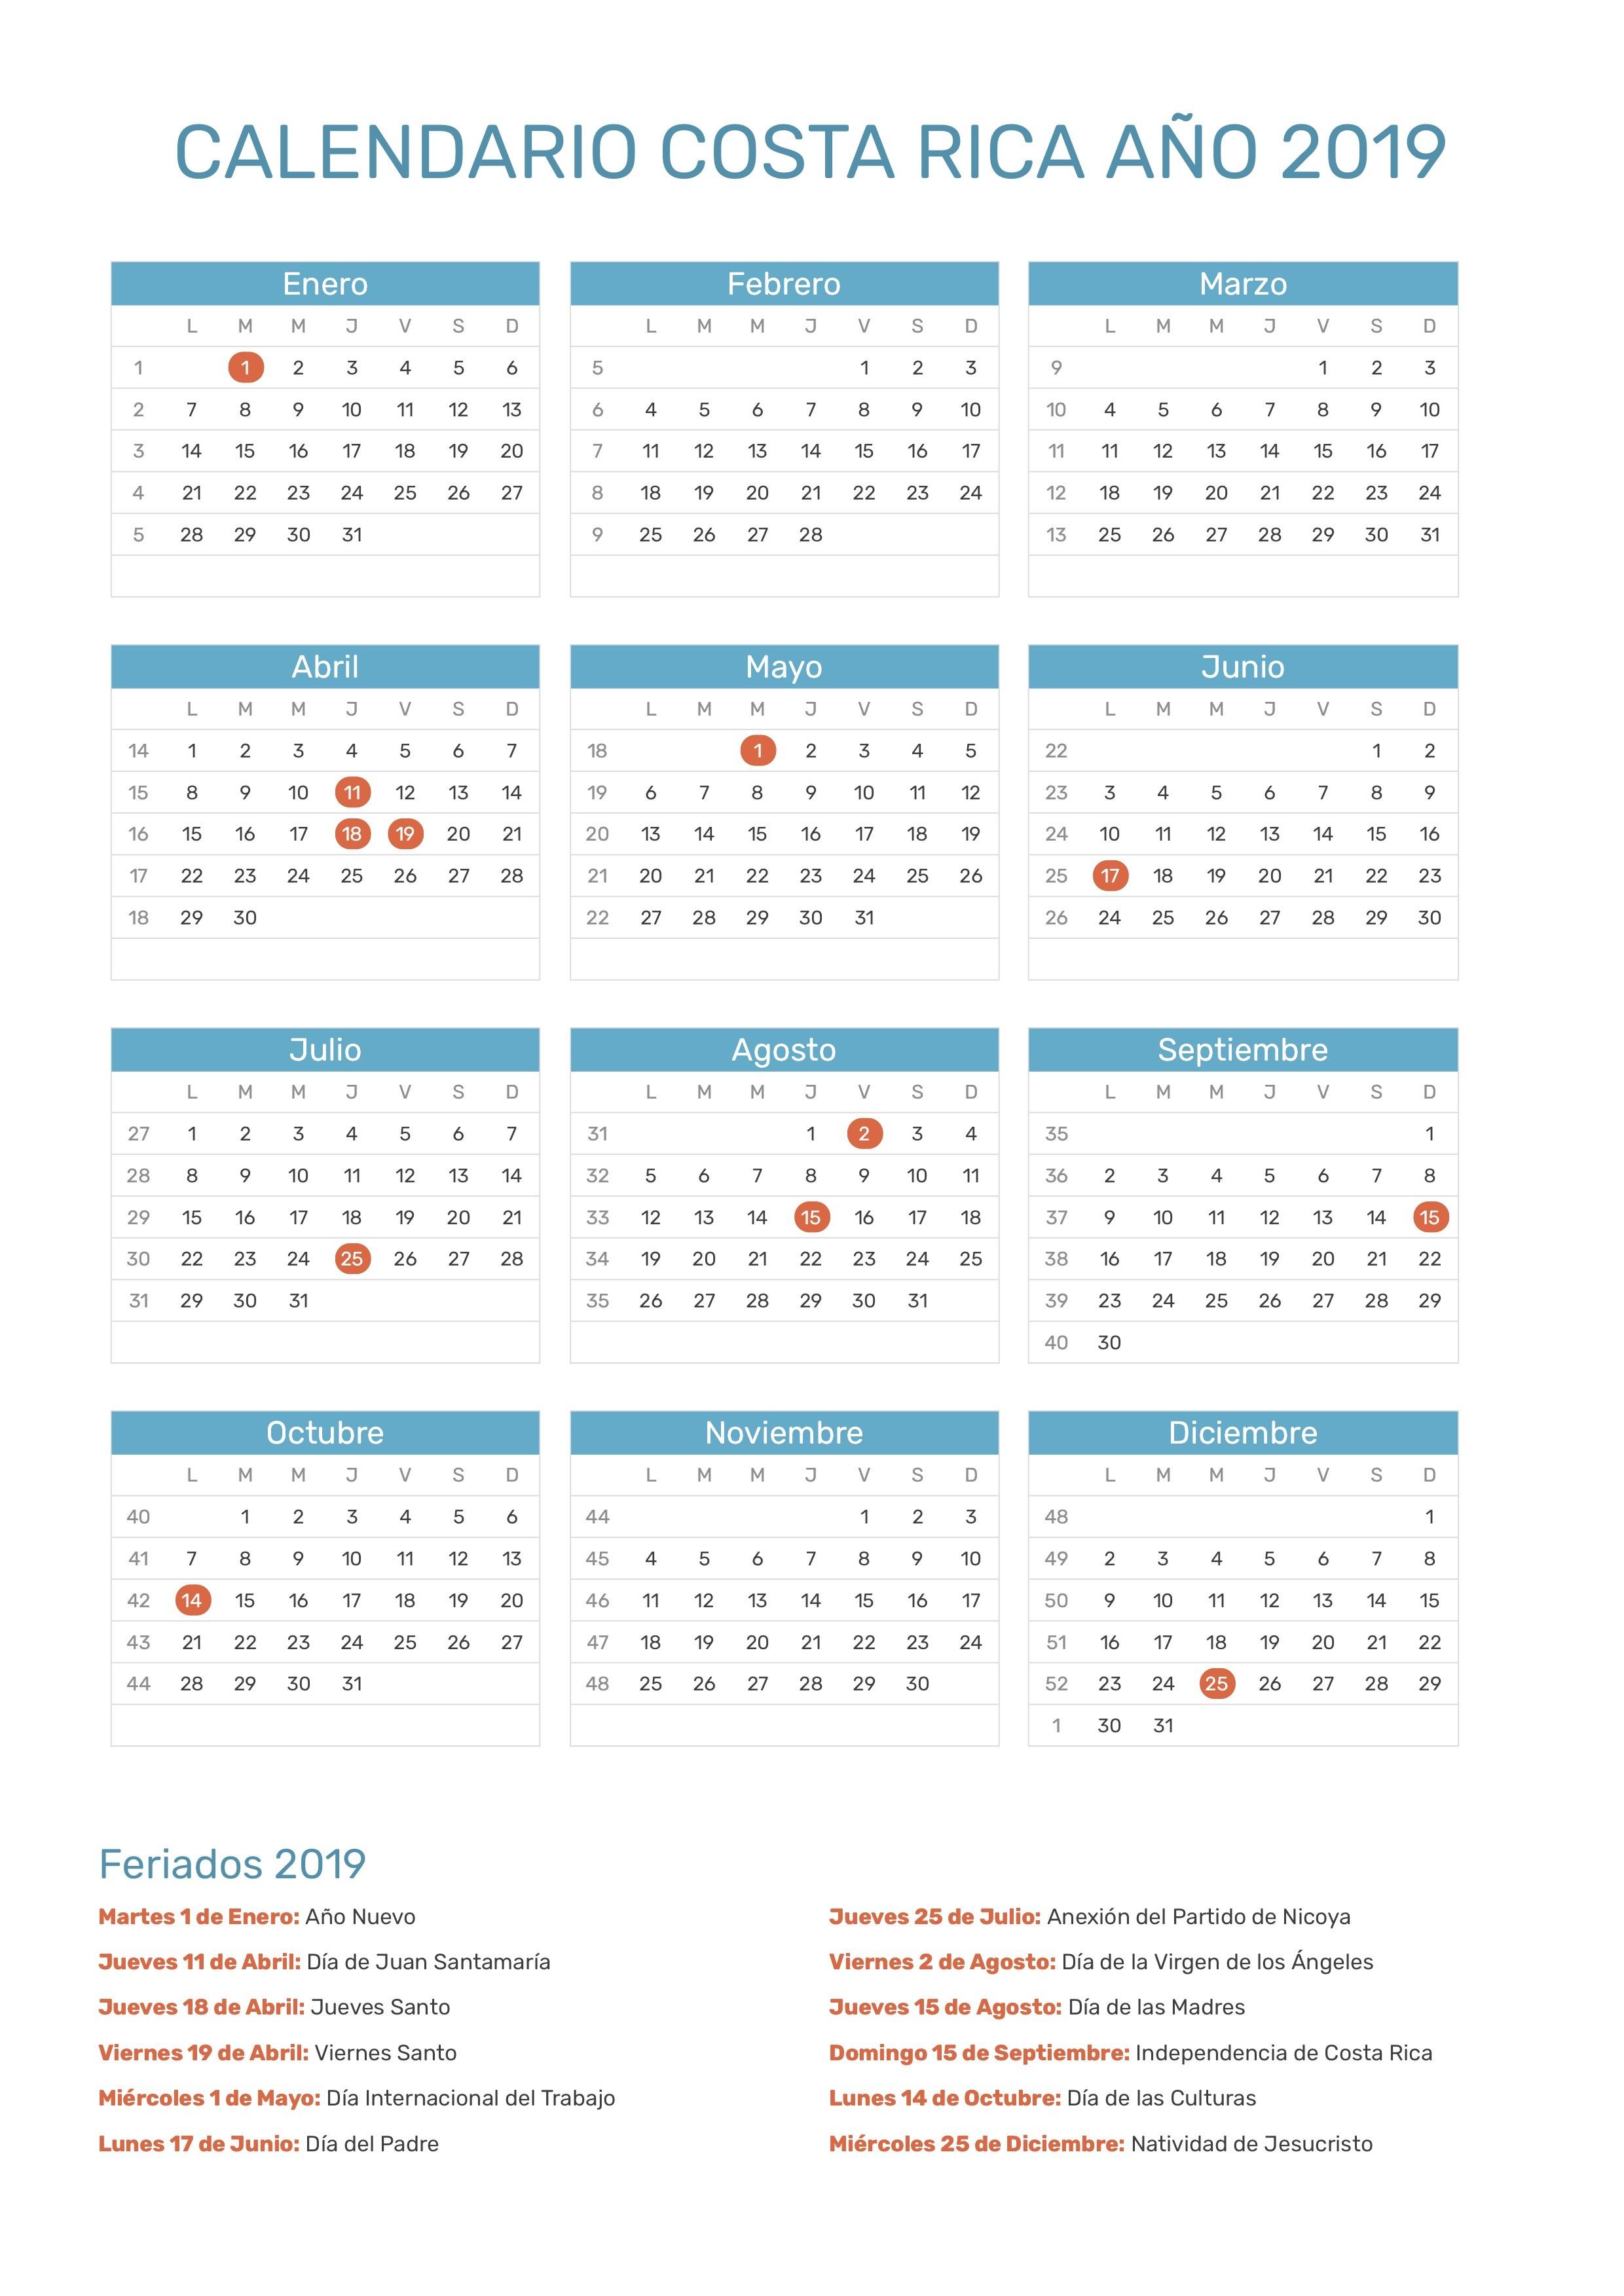 calendario costa rica 2019